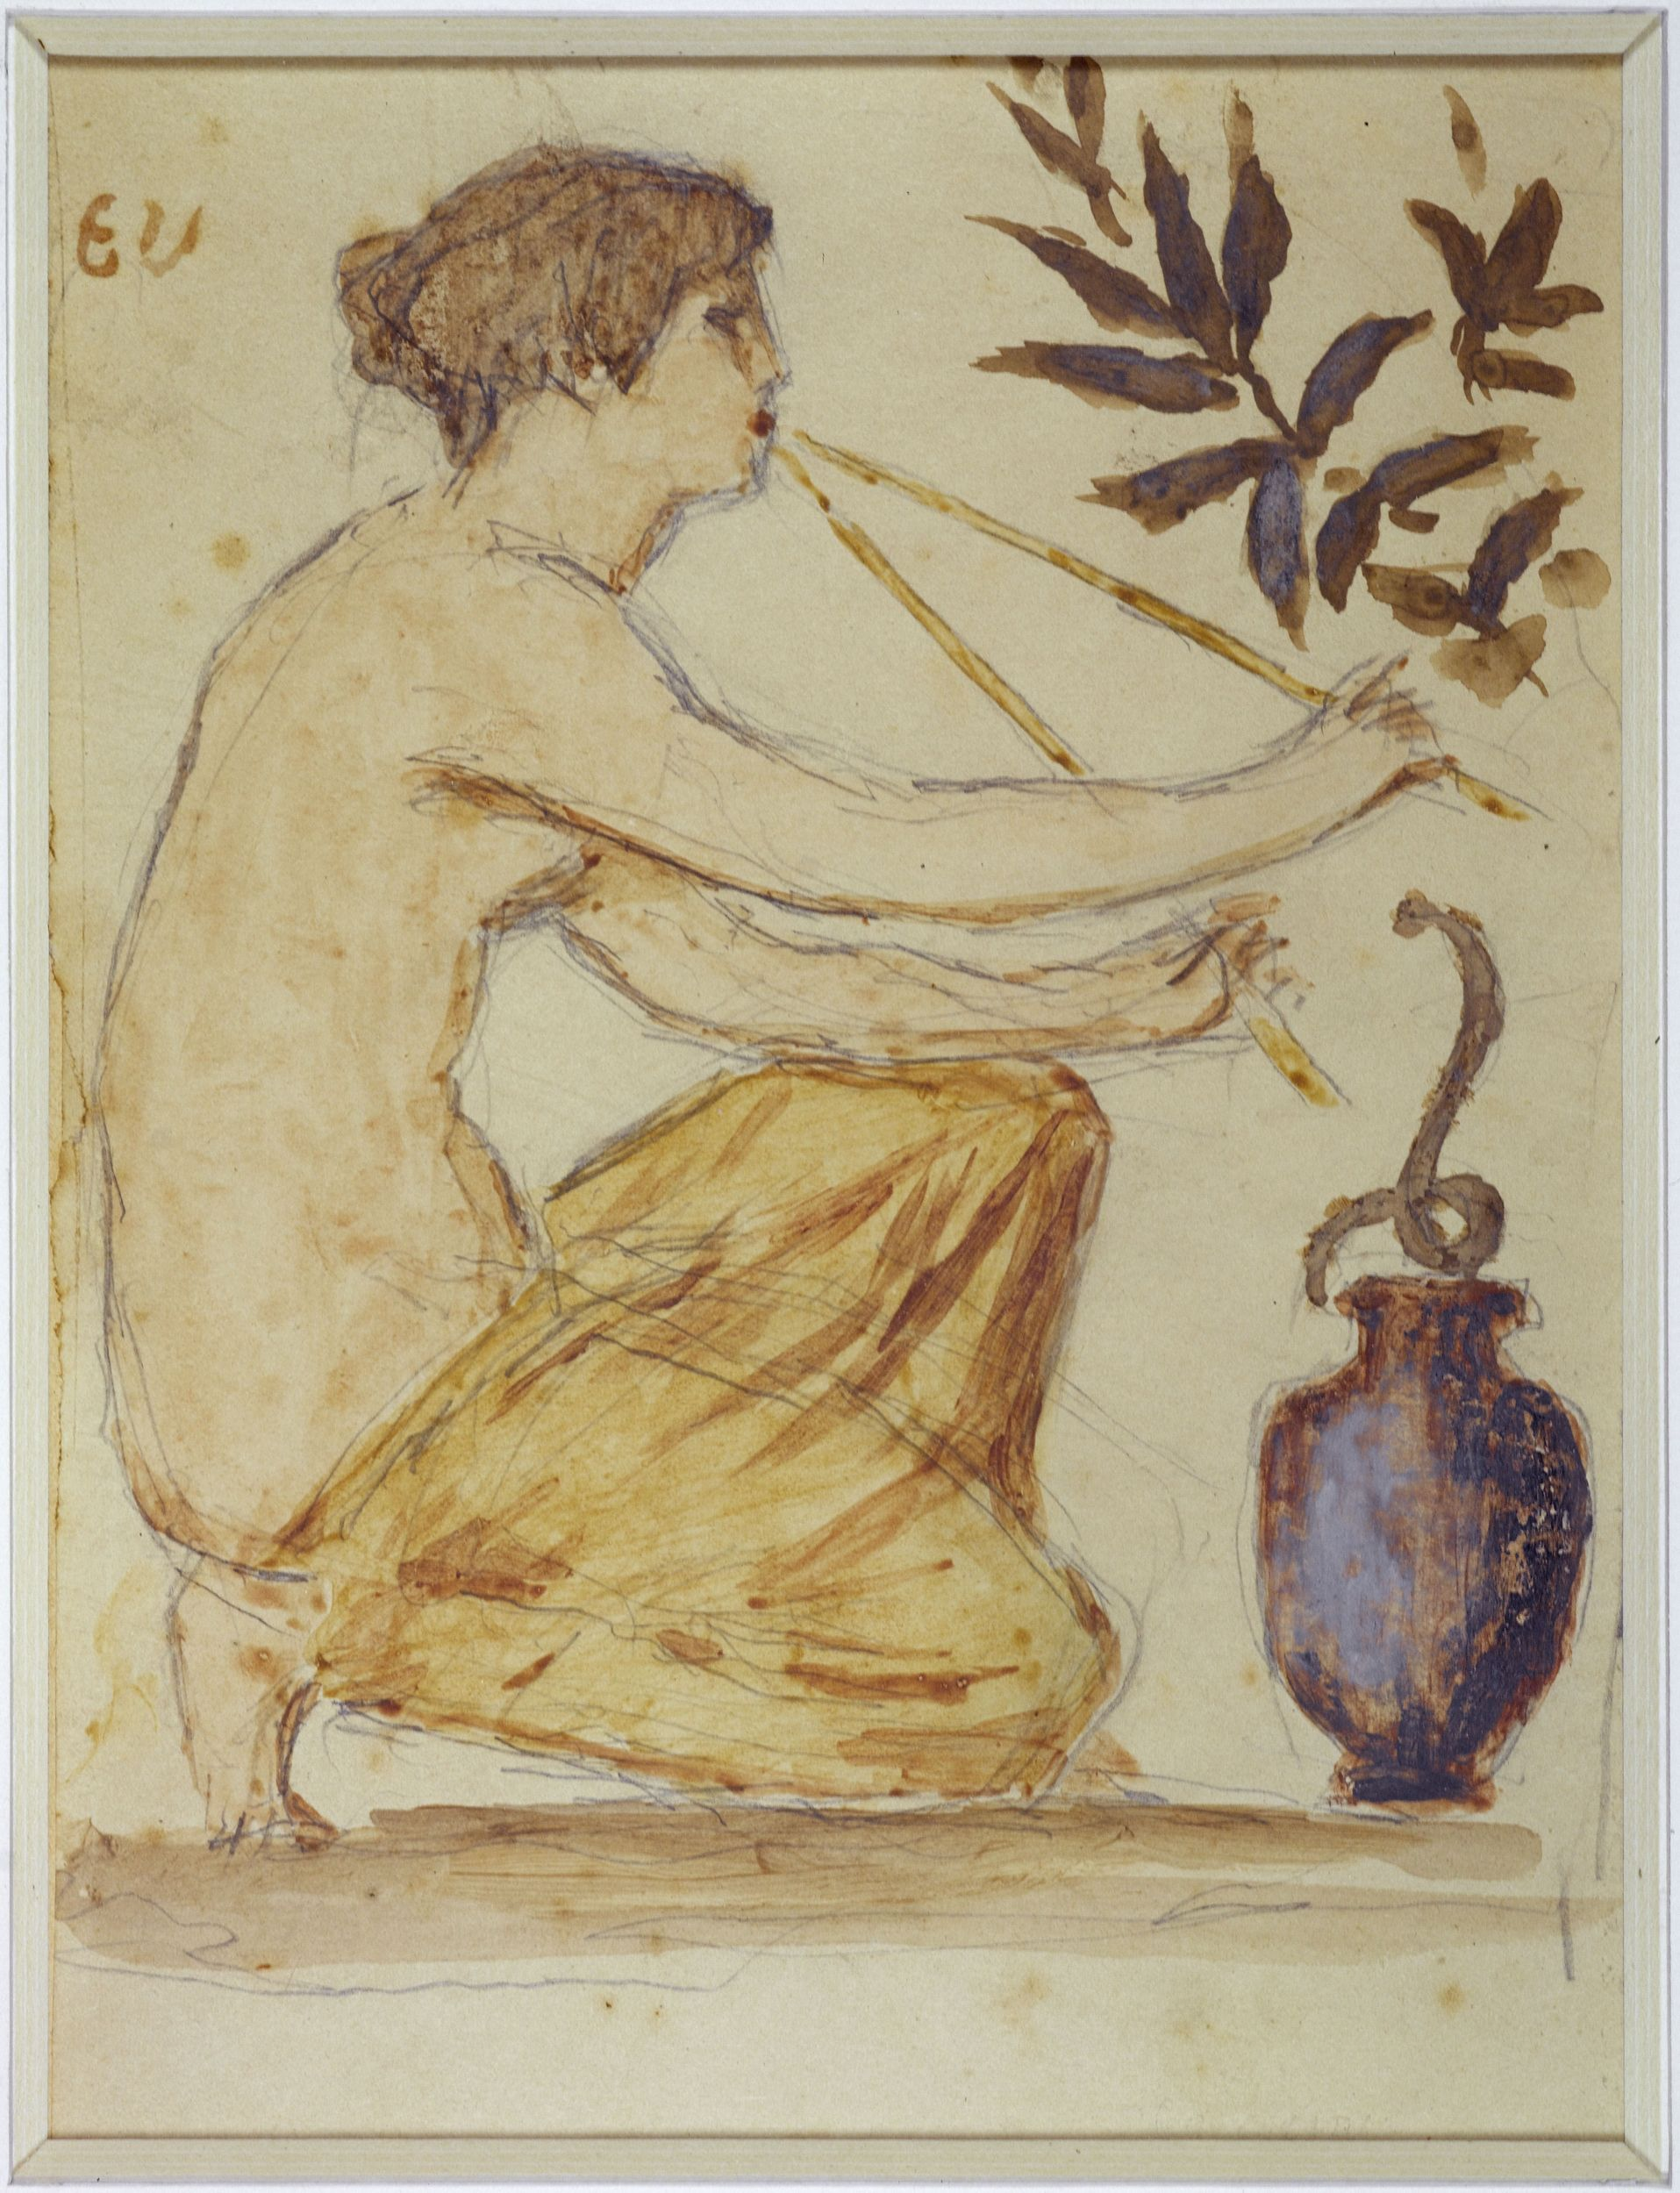 Henry CROS - Femme agenouillée, de profil, avec motifs floraux